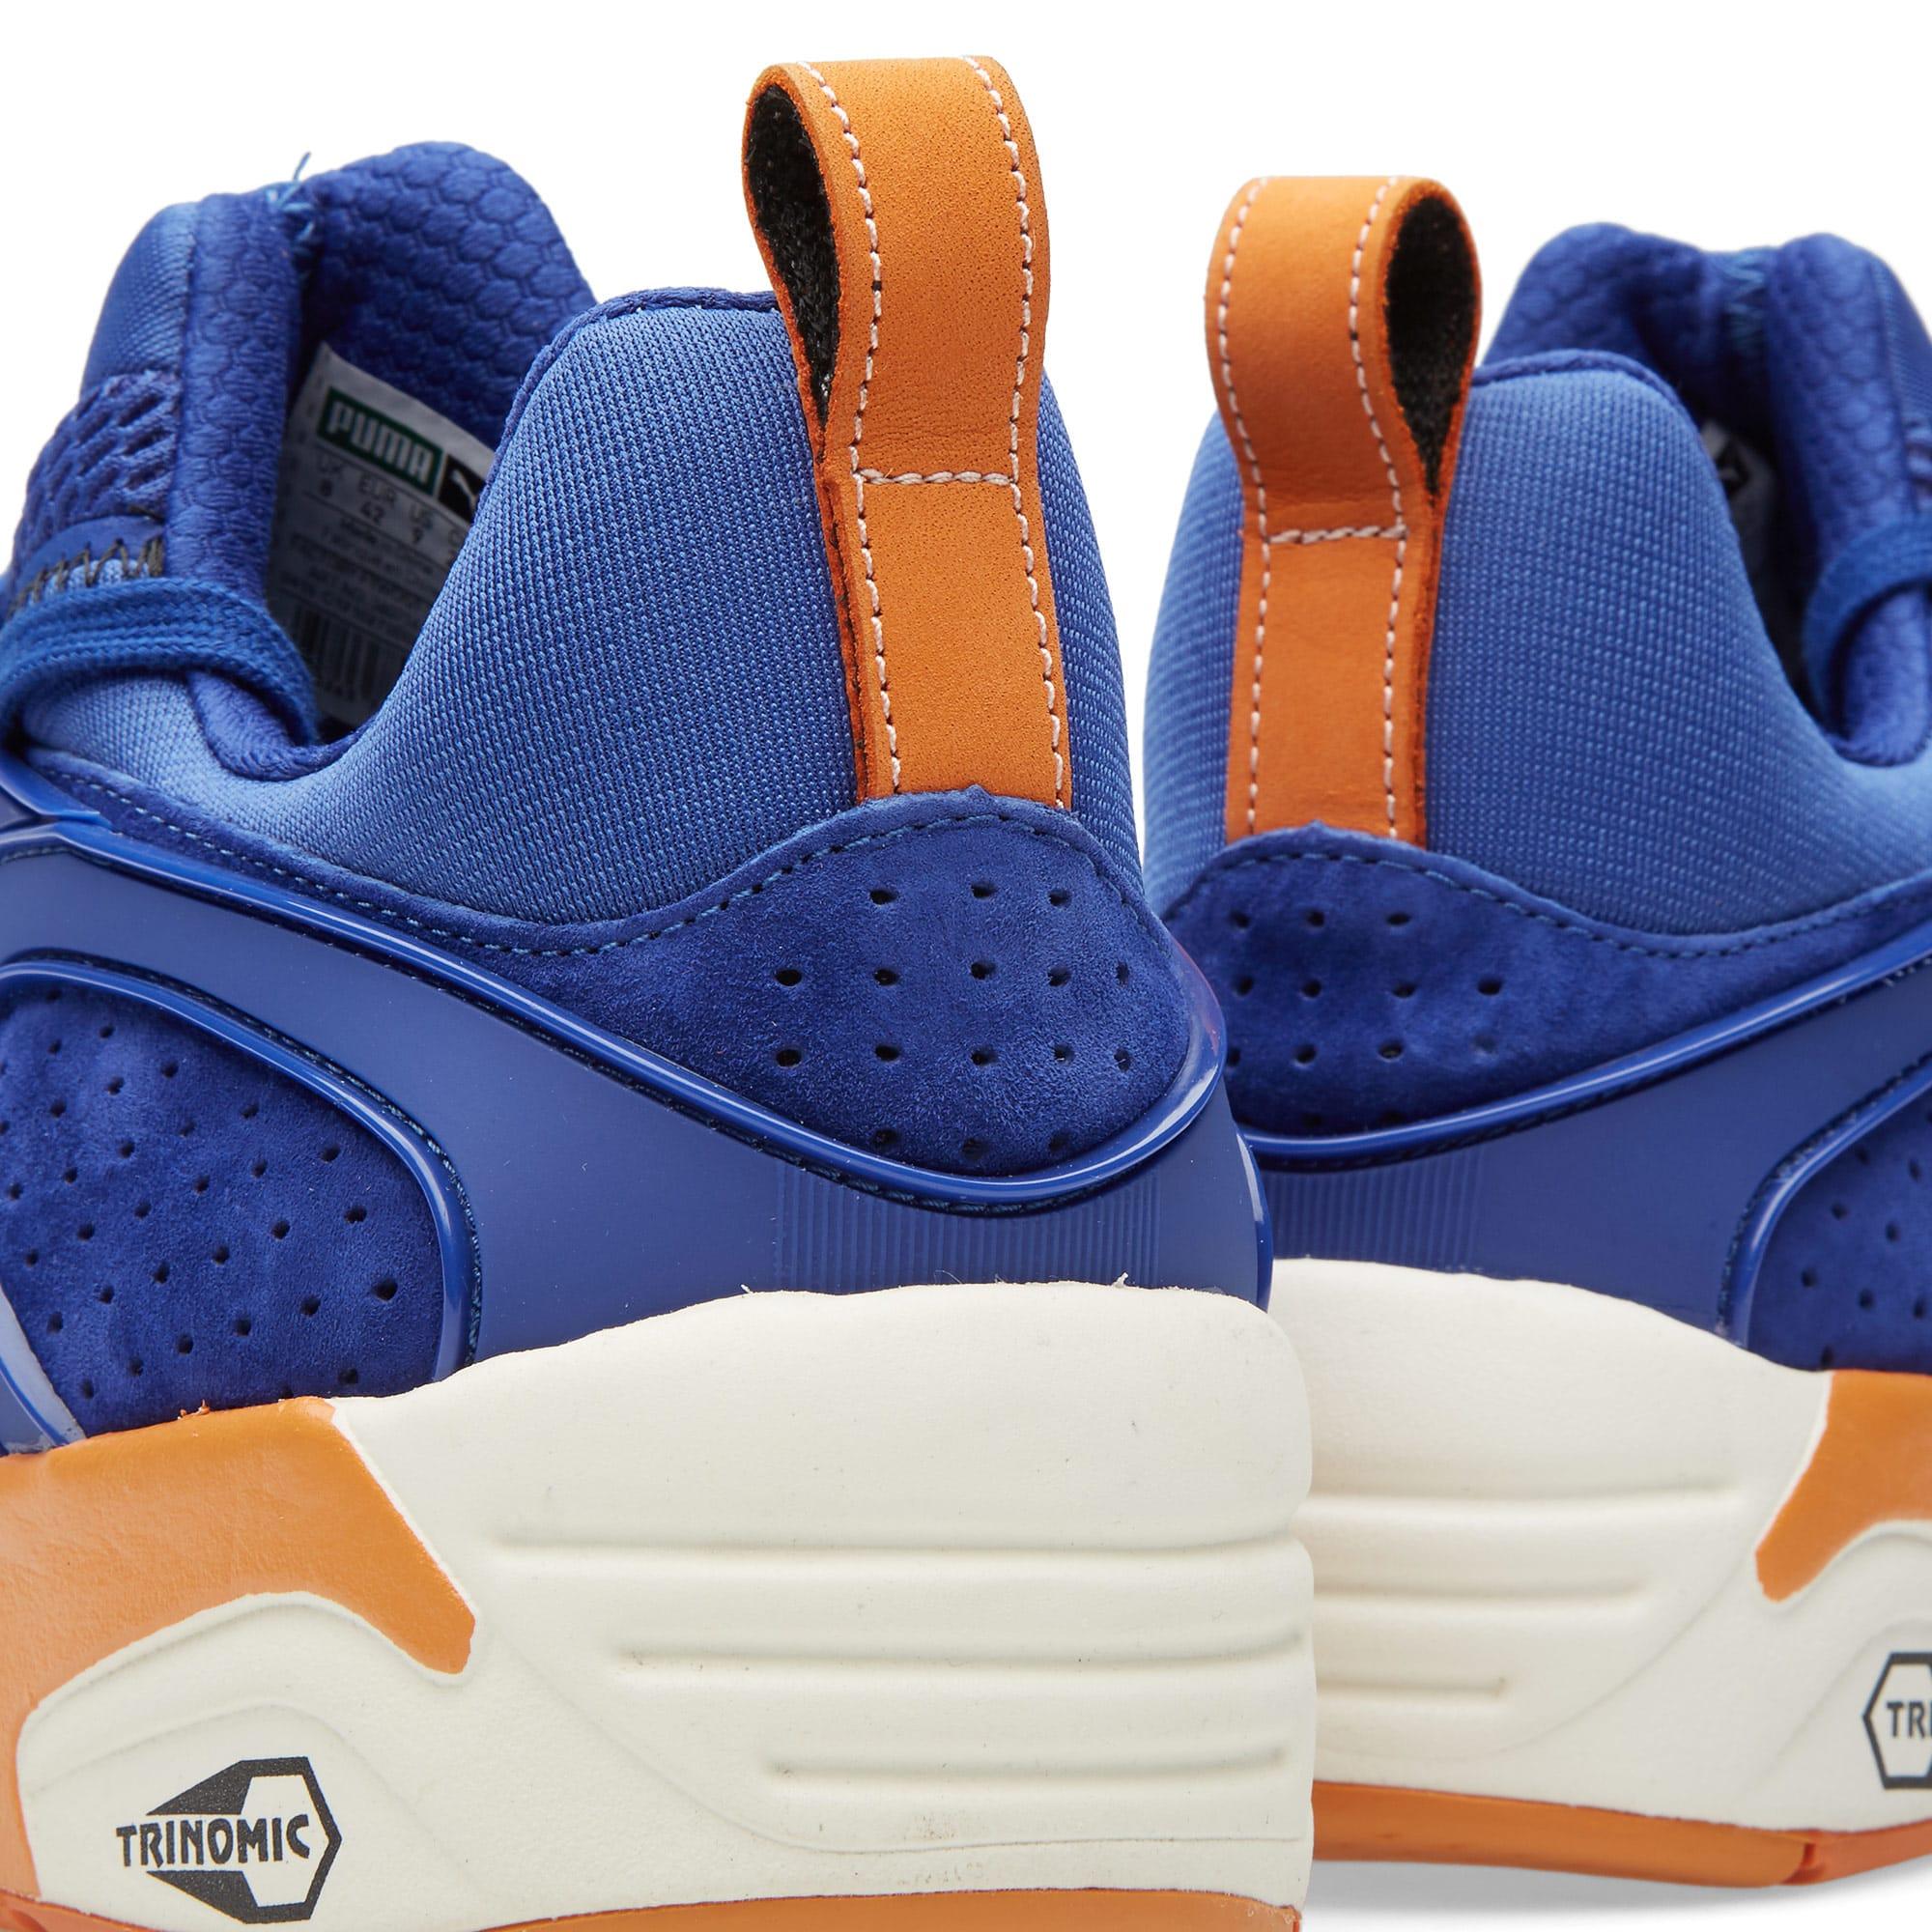 Puma x NY Knicks Trinomic Blaze of Glory